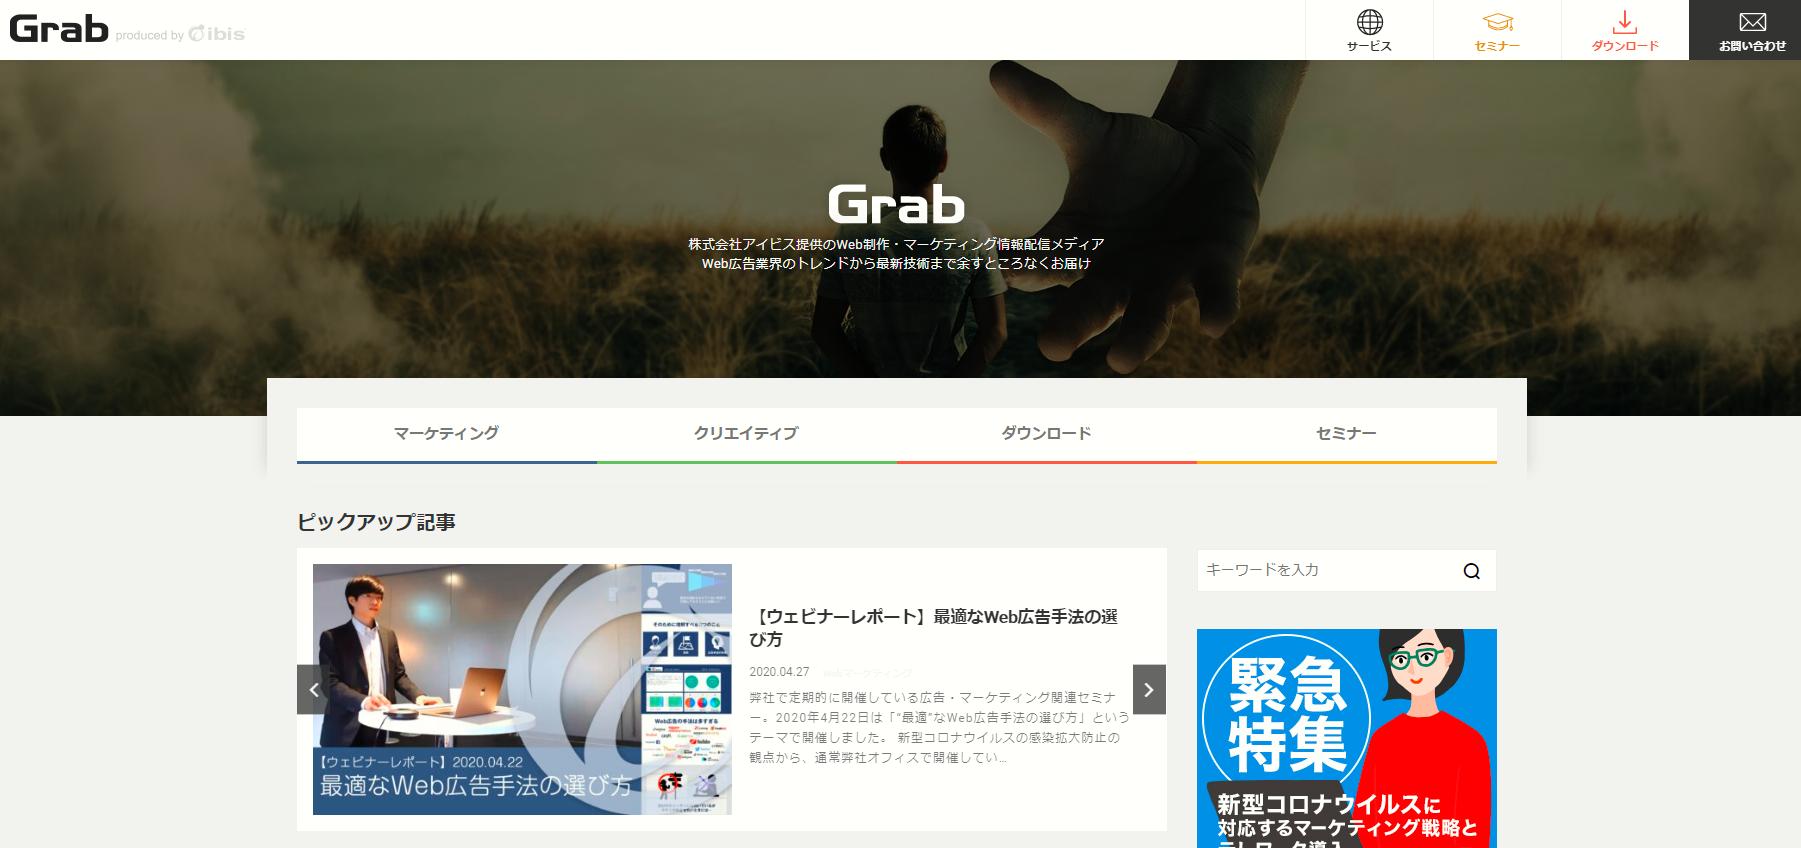 Grabはリード獲得をメインの目的において運営している。